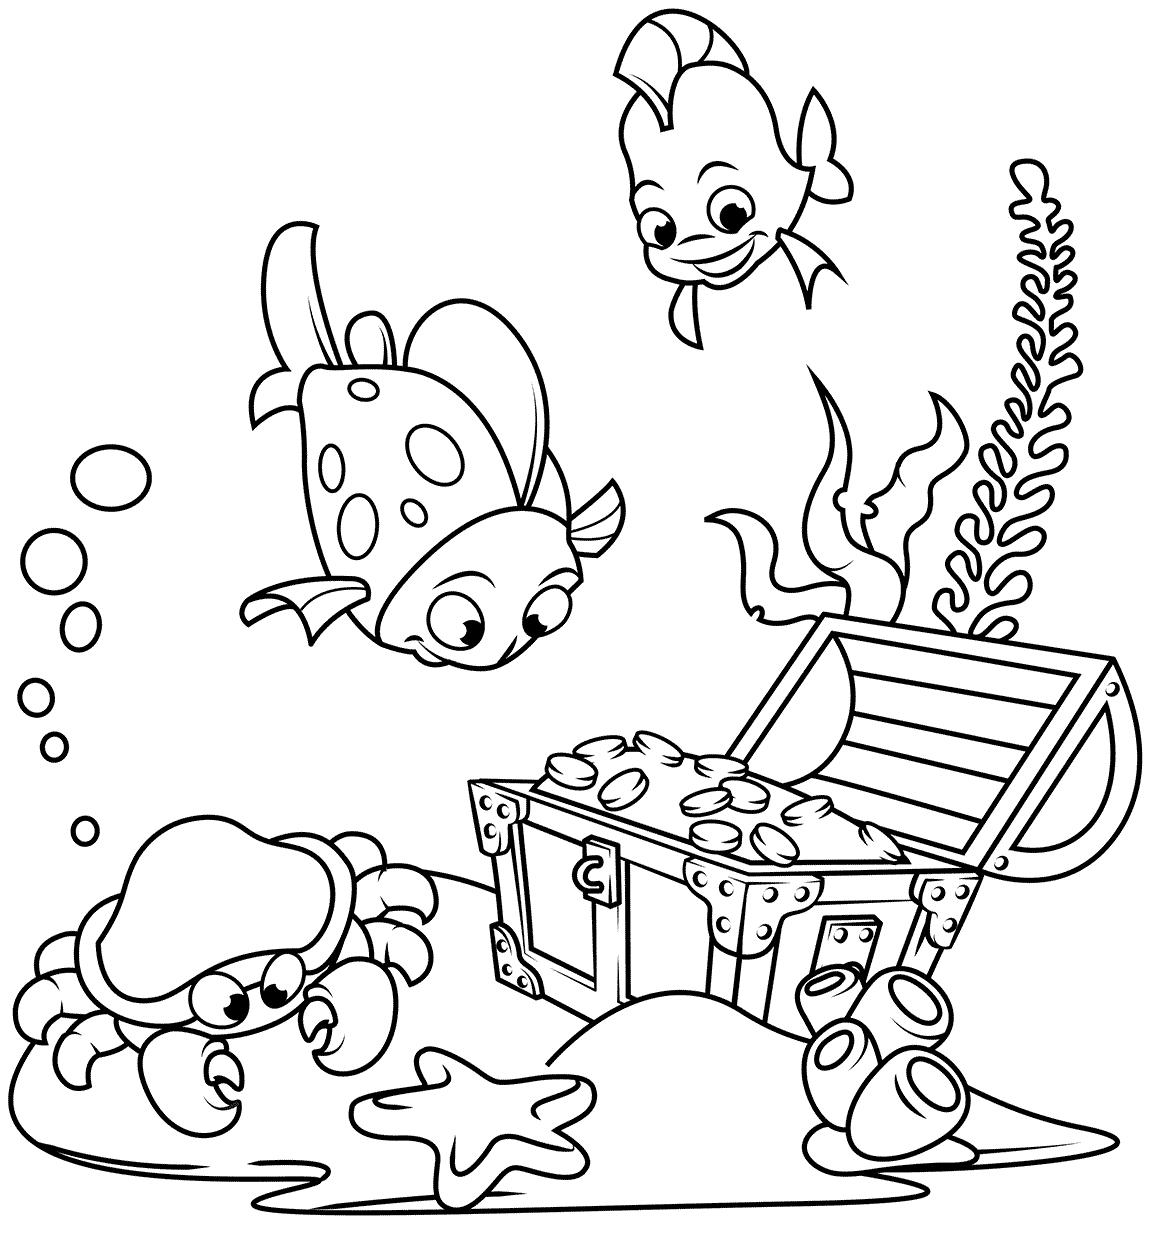 24 disegni pesciolini da colorare for Disegni da colorare pesciolini